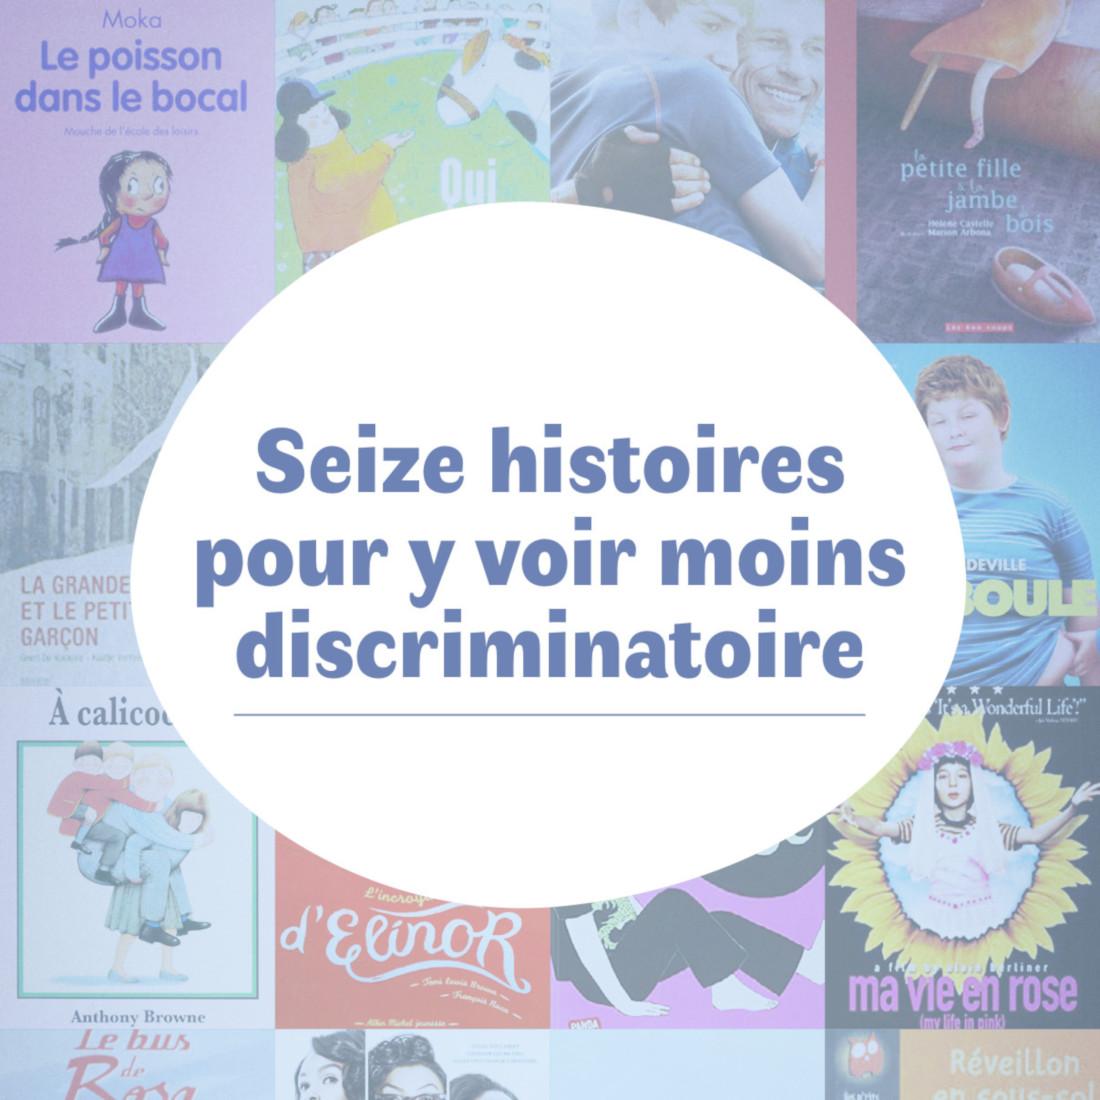 Outil pédagogique Enfants - Les autres, mon corps et moi - Illustration - 16 Histoires pour y voir moins discriminatoire